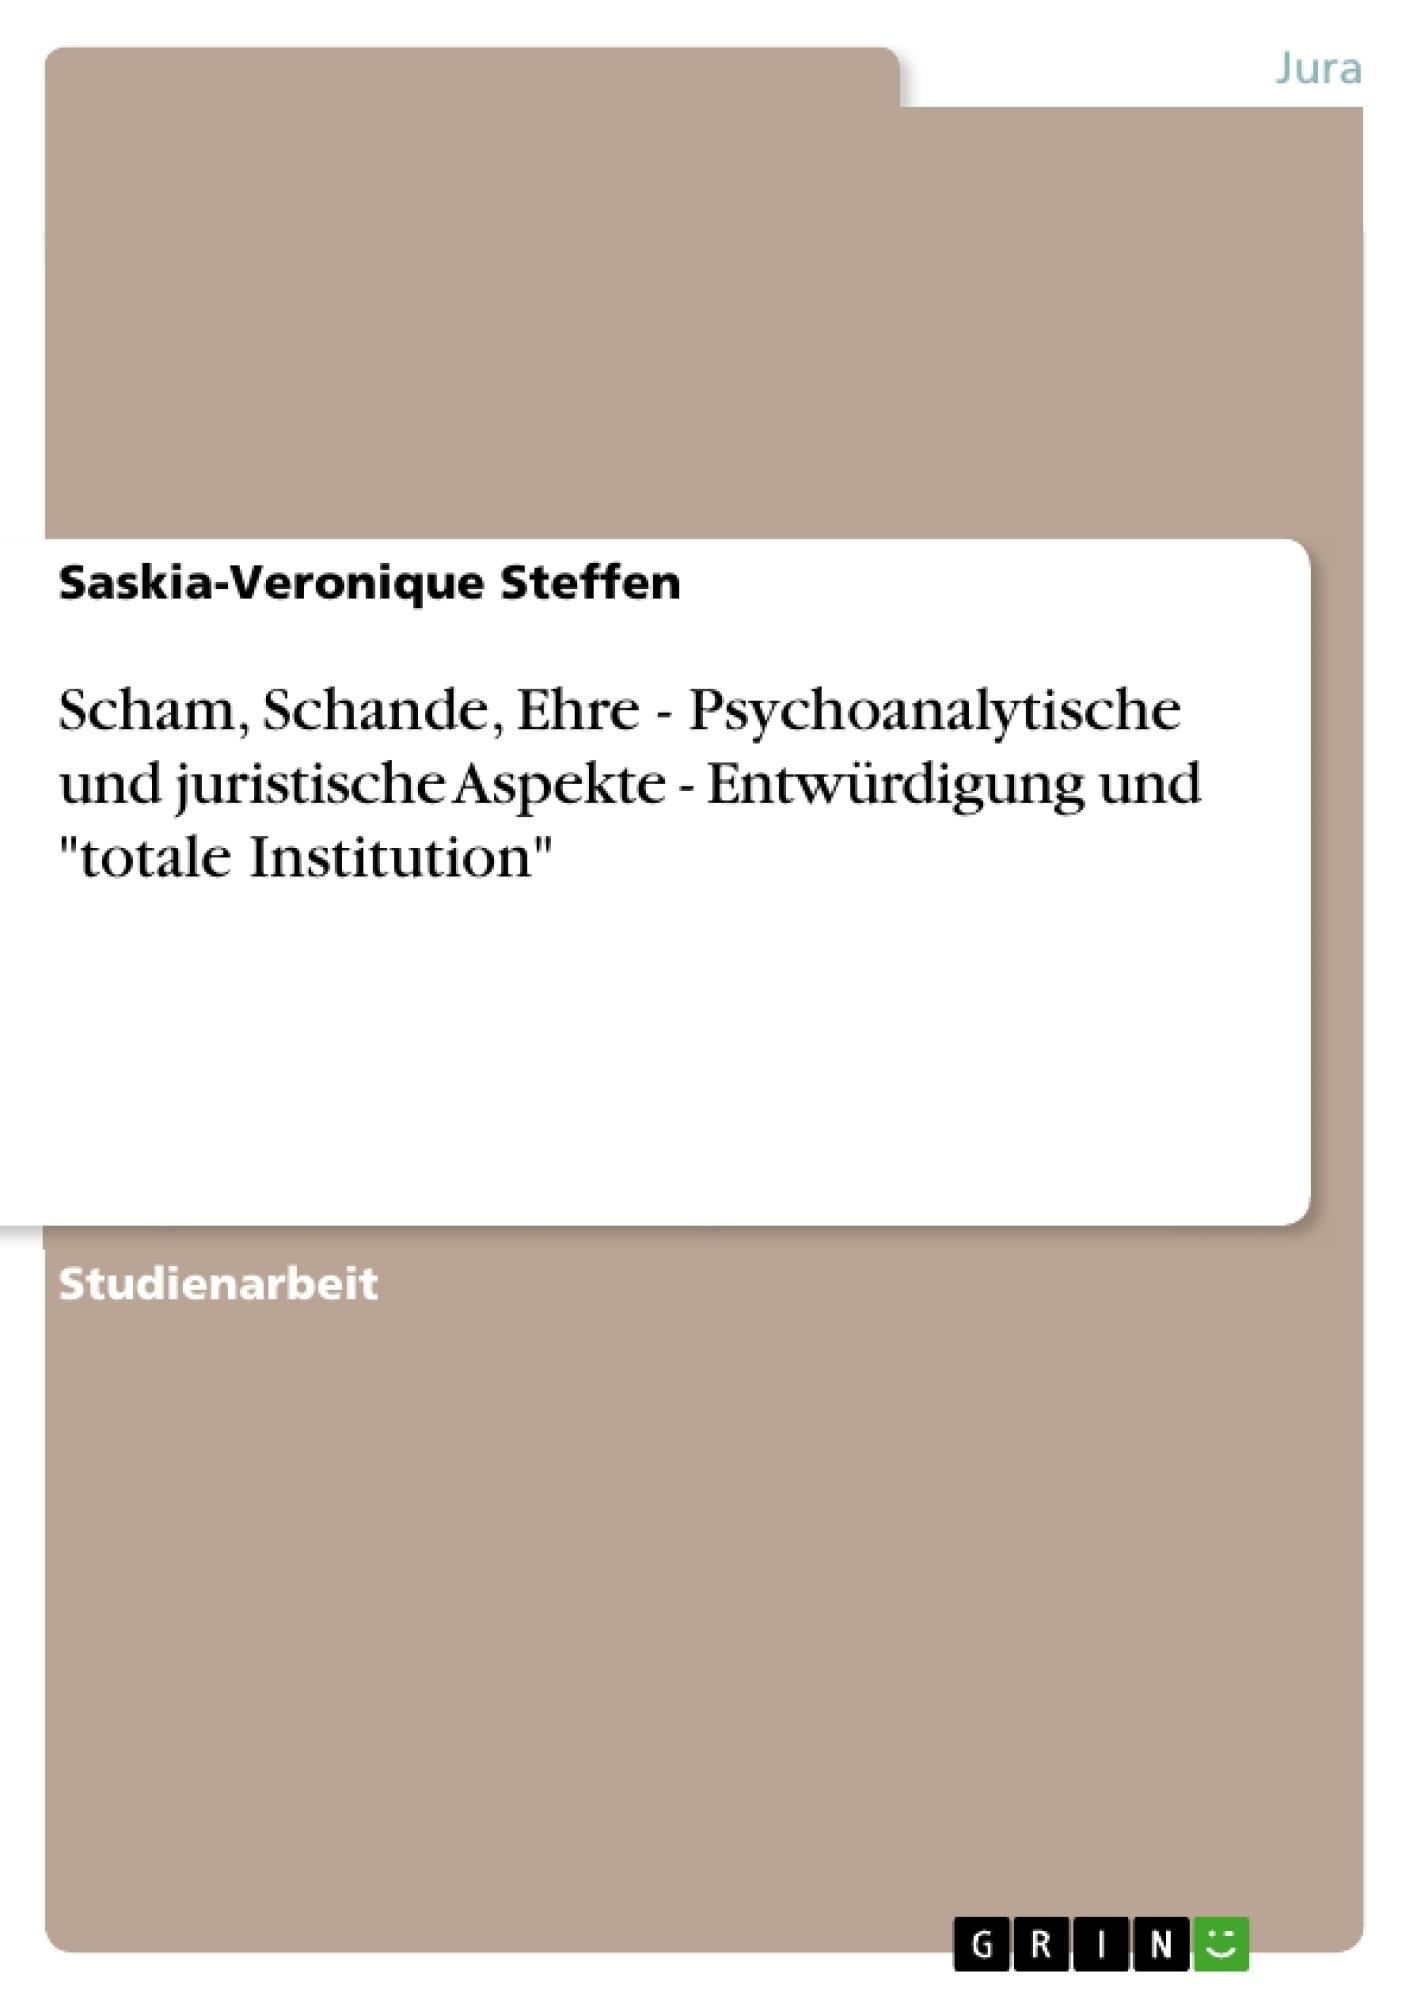 """Titel: Scham, Schande, Ehre - Psychoanalytische und juristische Aspekte - Entwürdigung und """"totale Institution"""""""